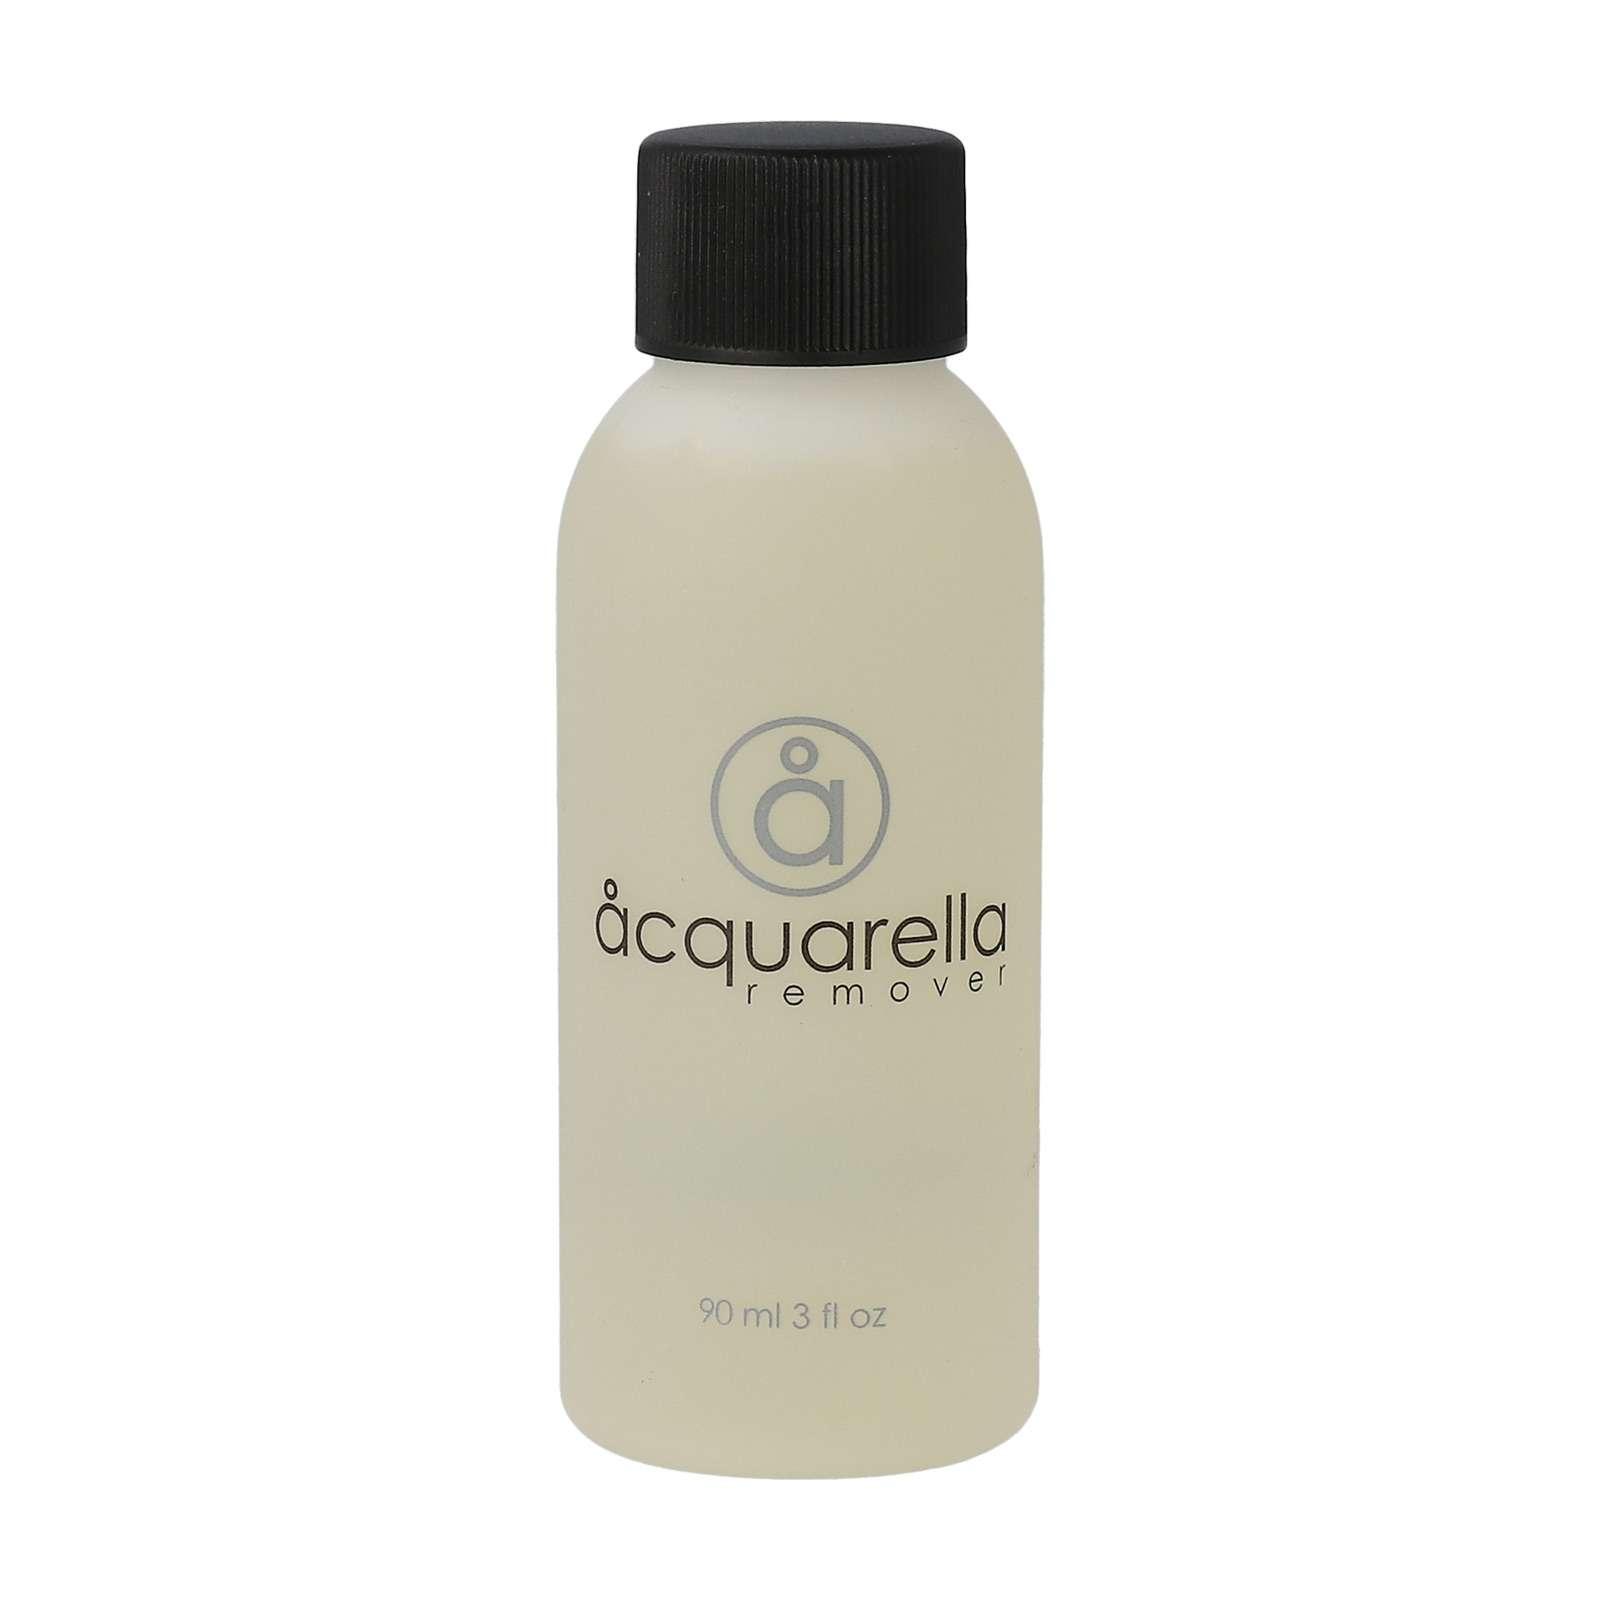 Acquarella Nagellackentferner für Nagellack auf Wasserbasis - PureNature